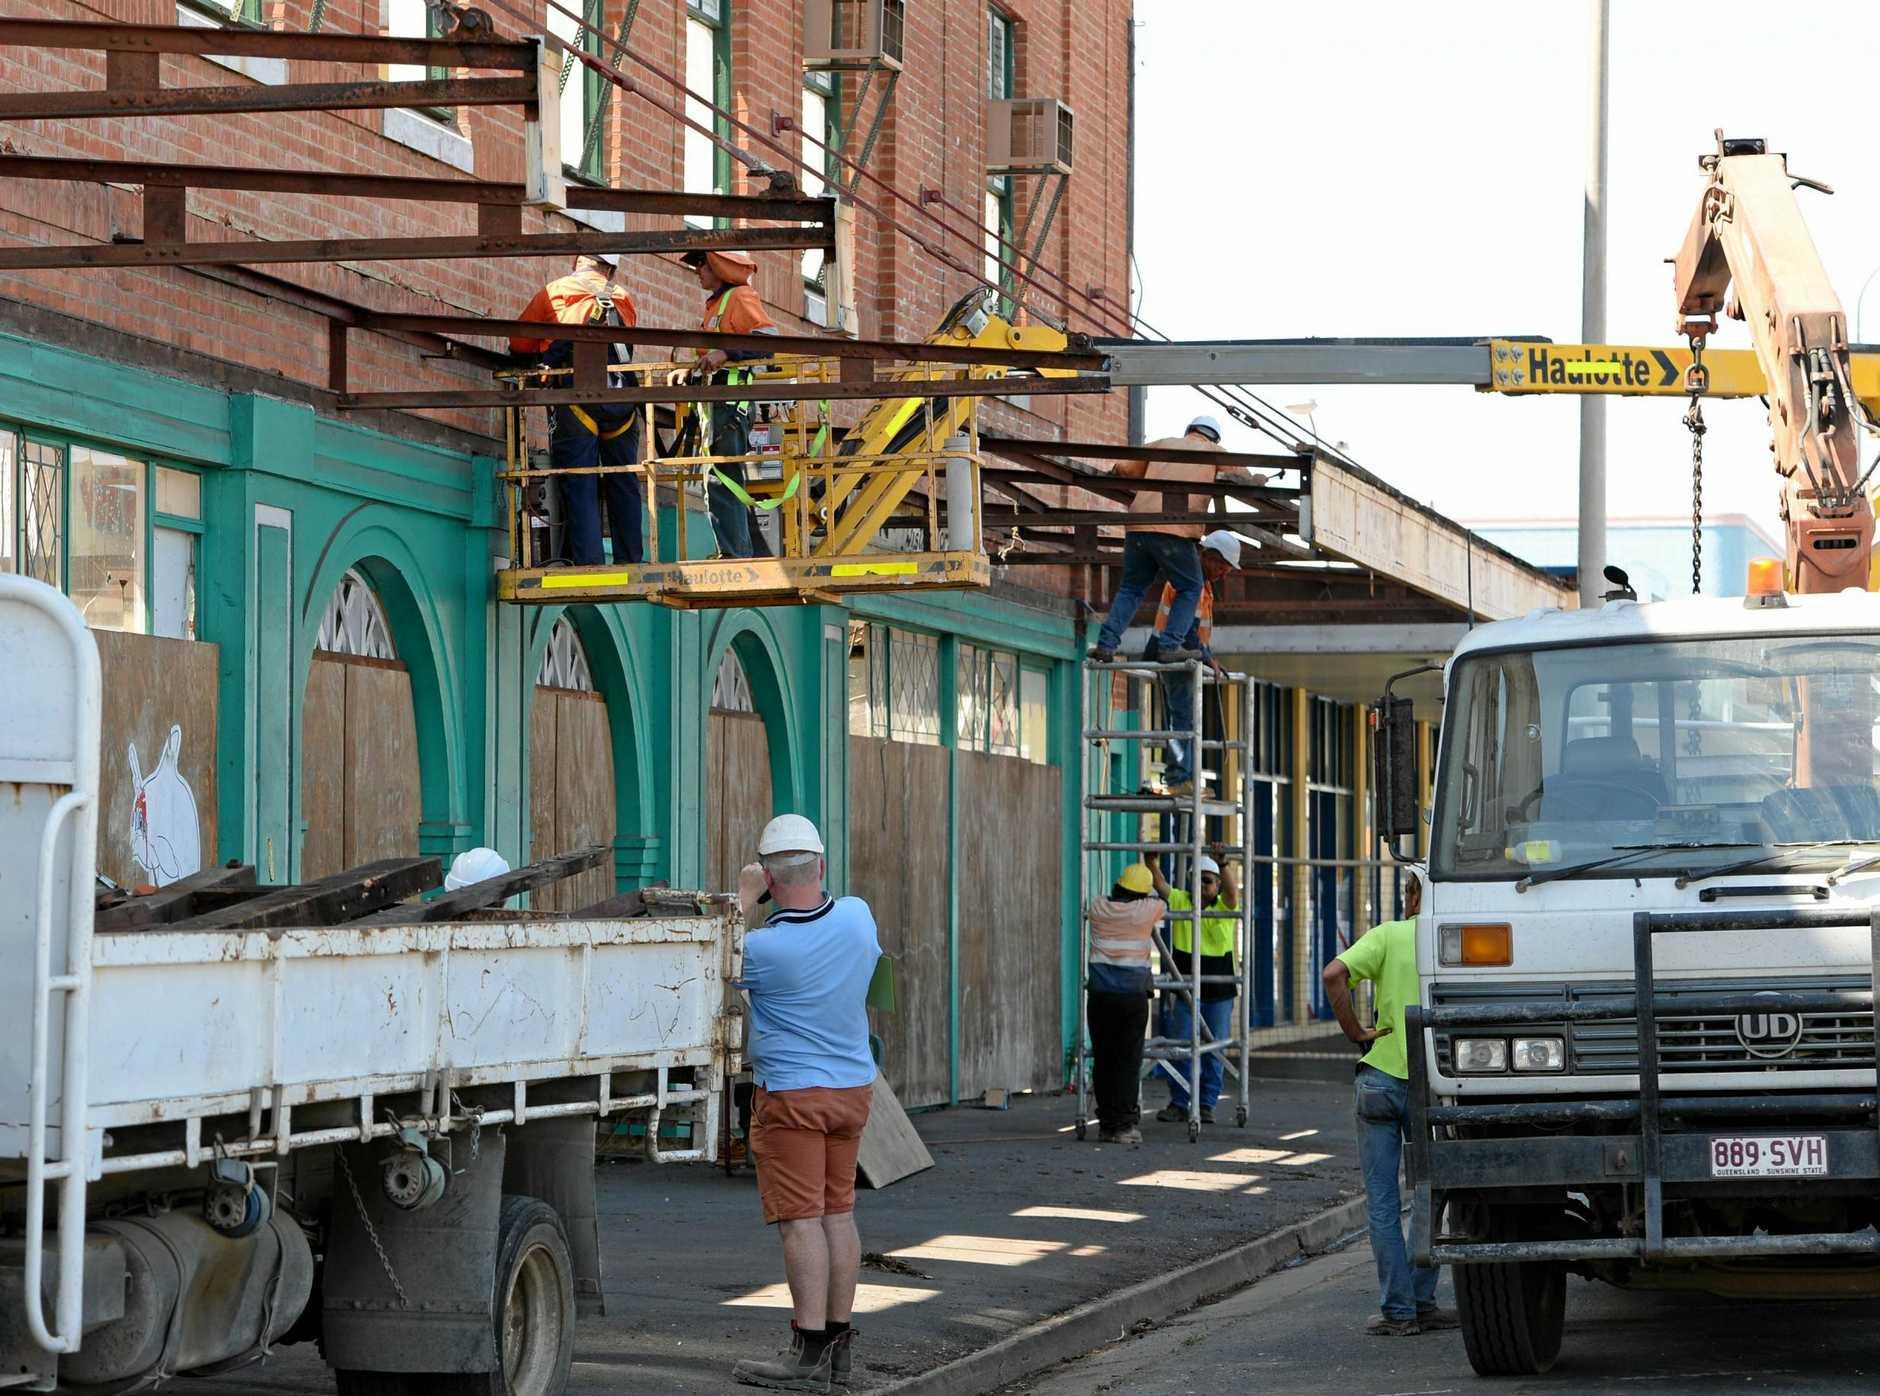 Demolition gets underway at the old Wintergarden Theatre on Bolsover Street in 2013.